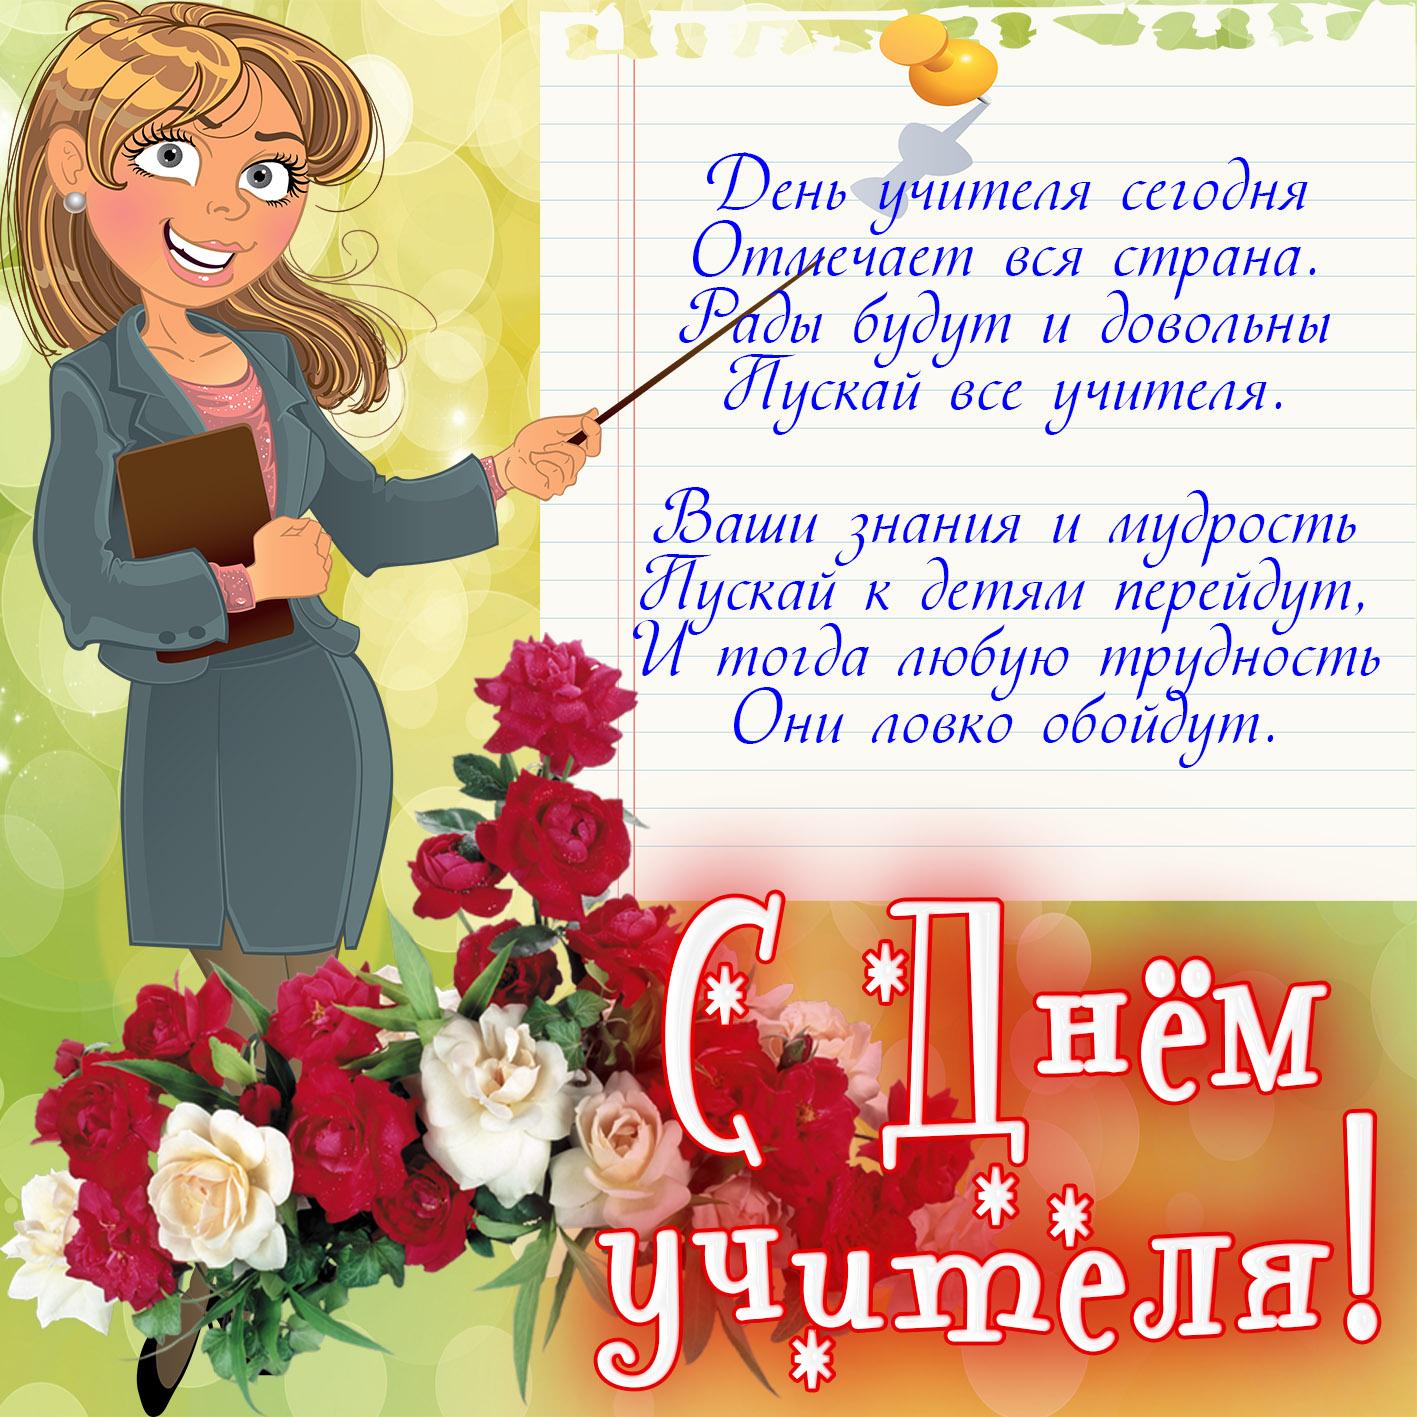 Леночка, поздравления с картинками на день учителя